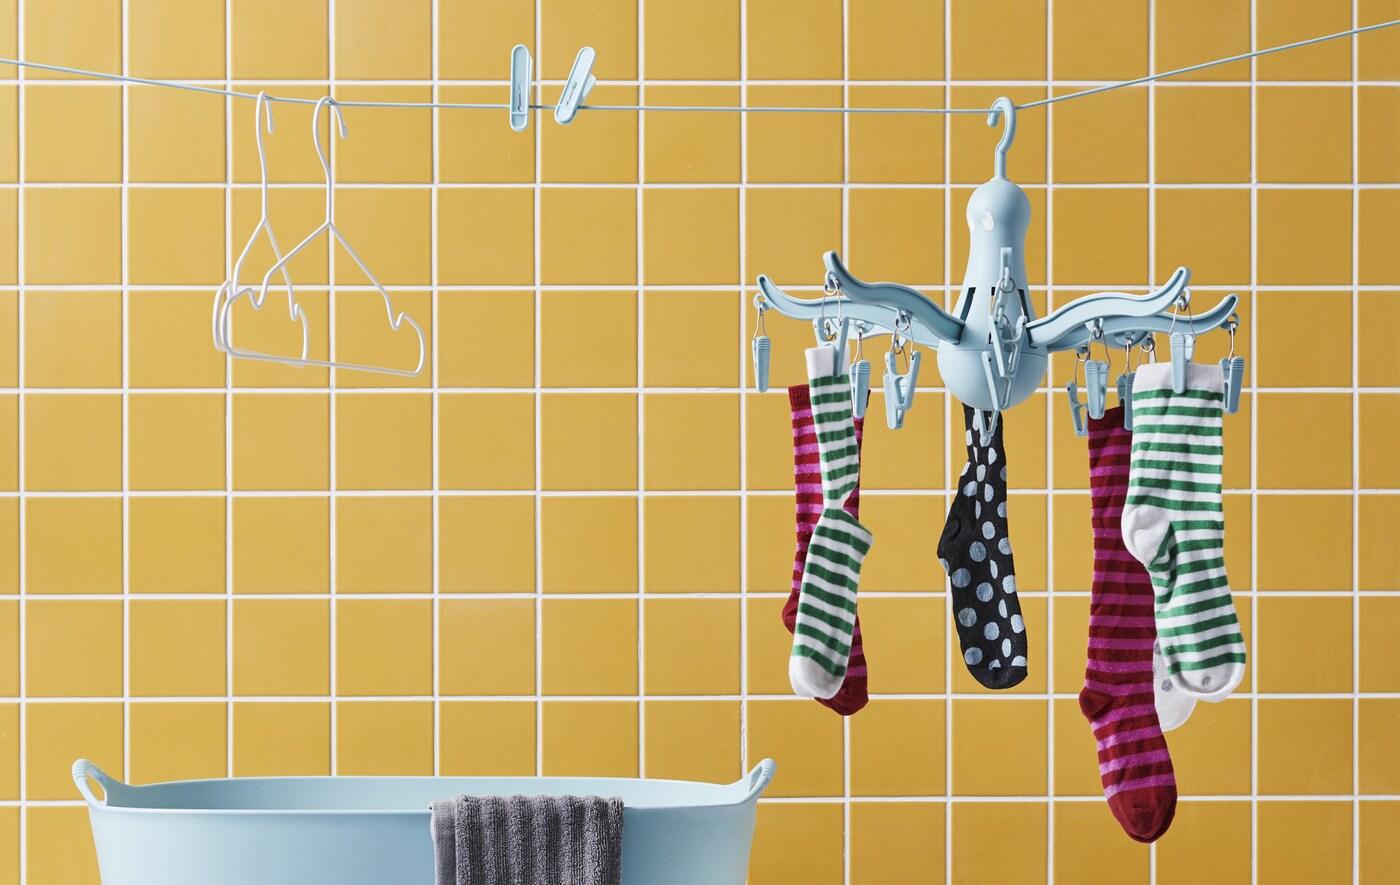 Șosete pe un uscător de rufe suspendat albastru, cleme de haine și umerașe pe o sfoară de haine pe un perete de dale galbene.